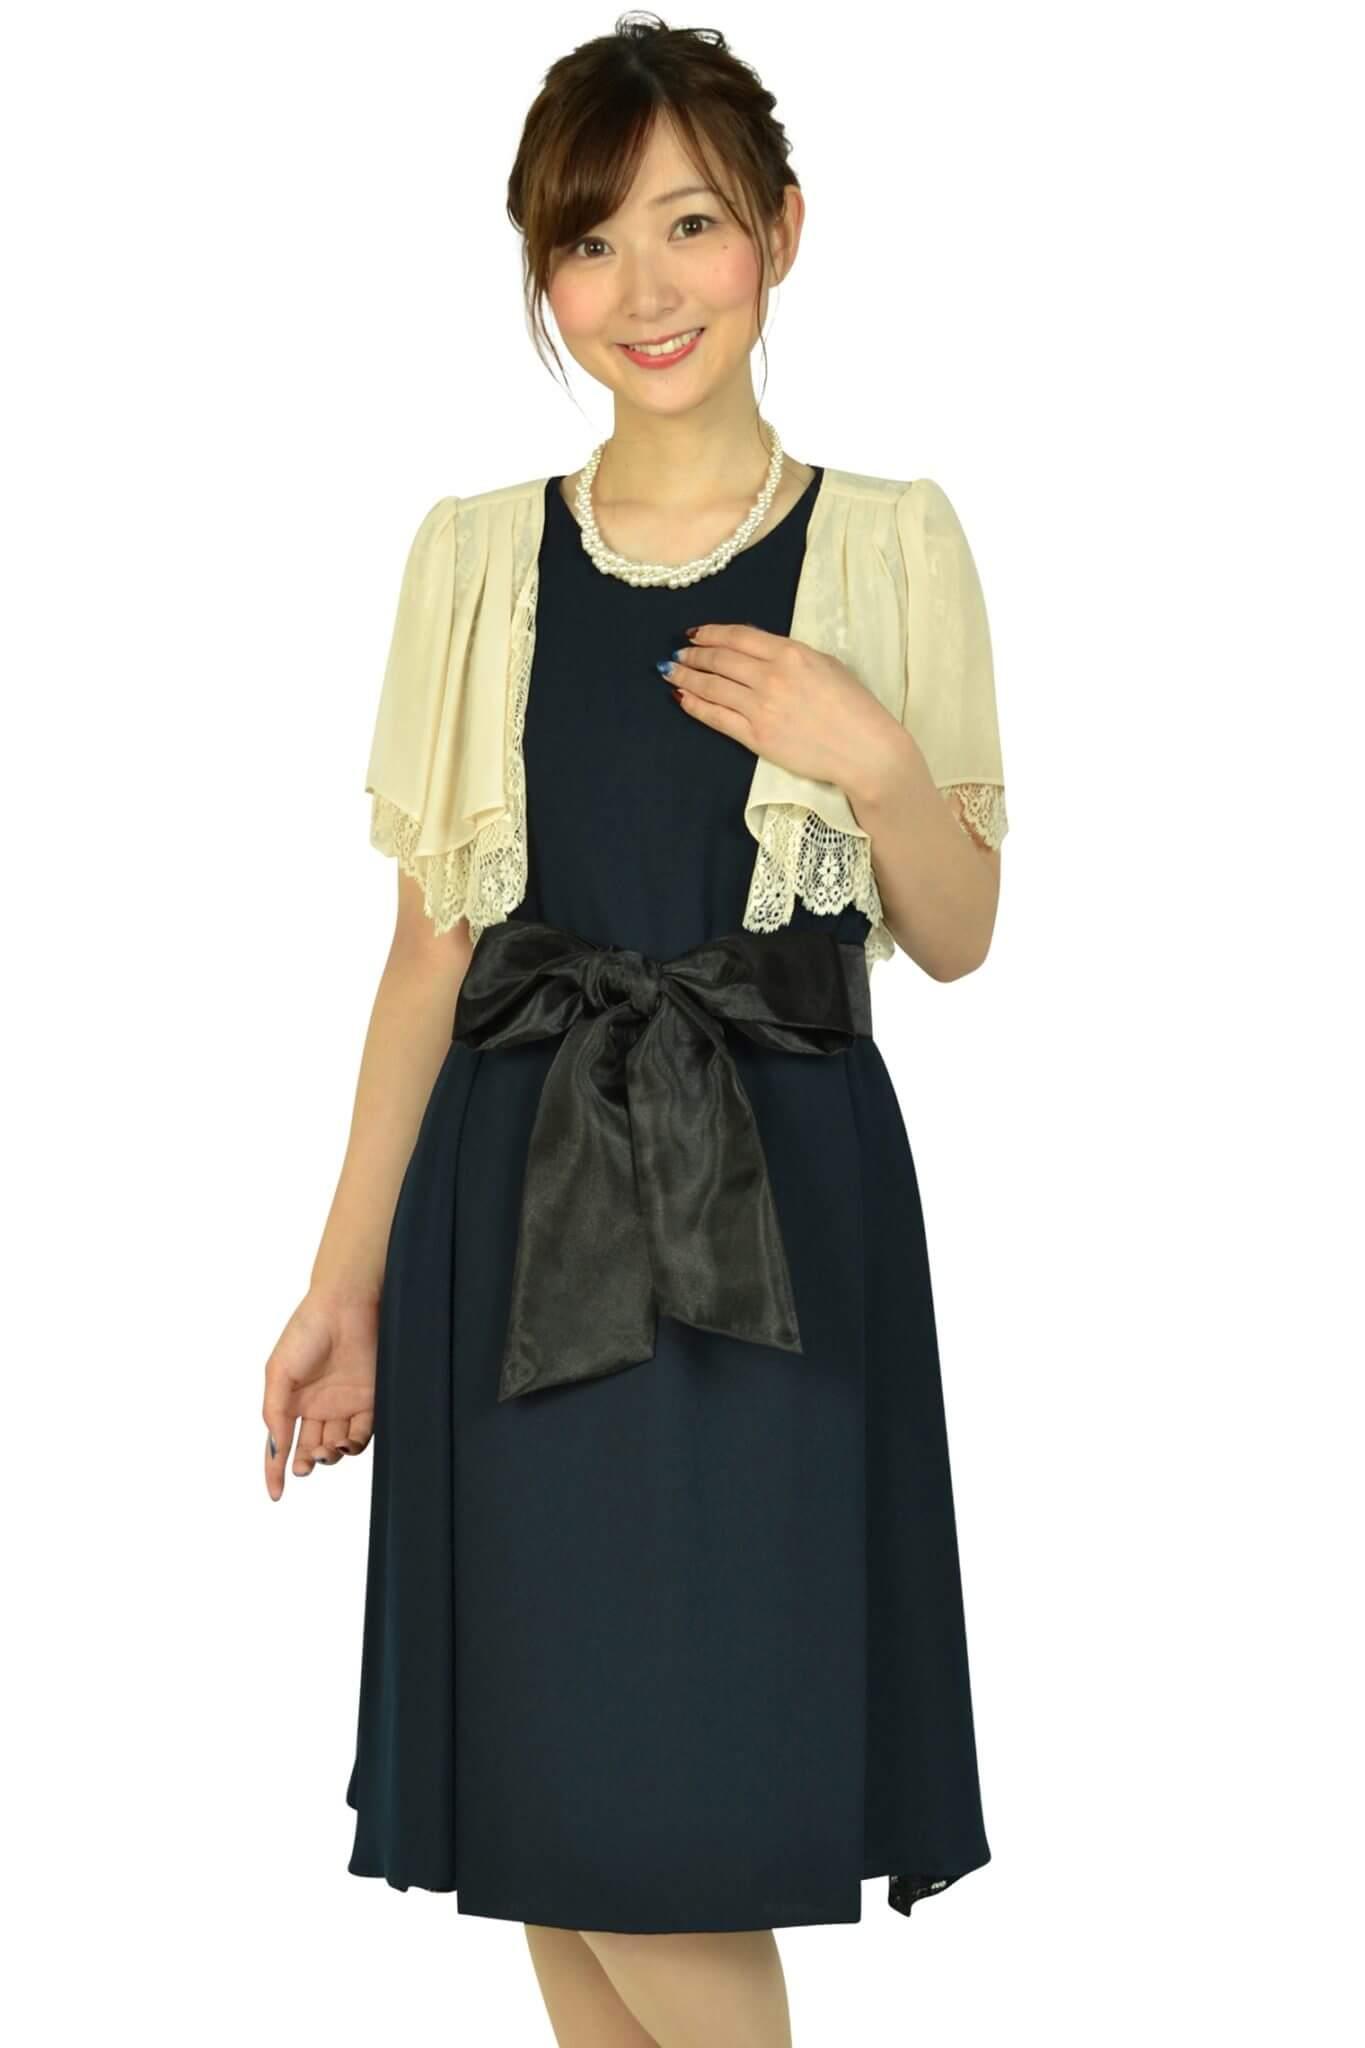 ビヲミナ (VIWOMINA)【授乳OK】ゆったりサイドレースネイビードレスセット